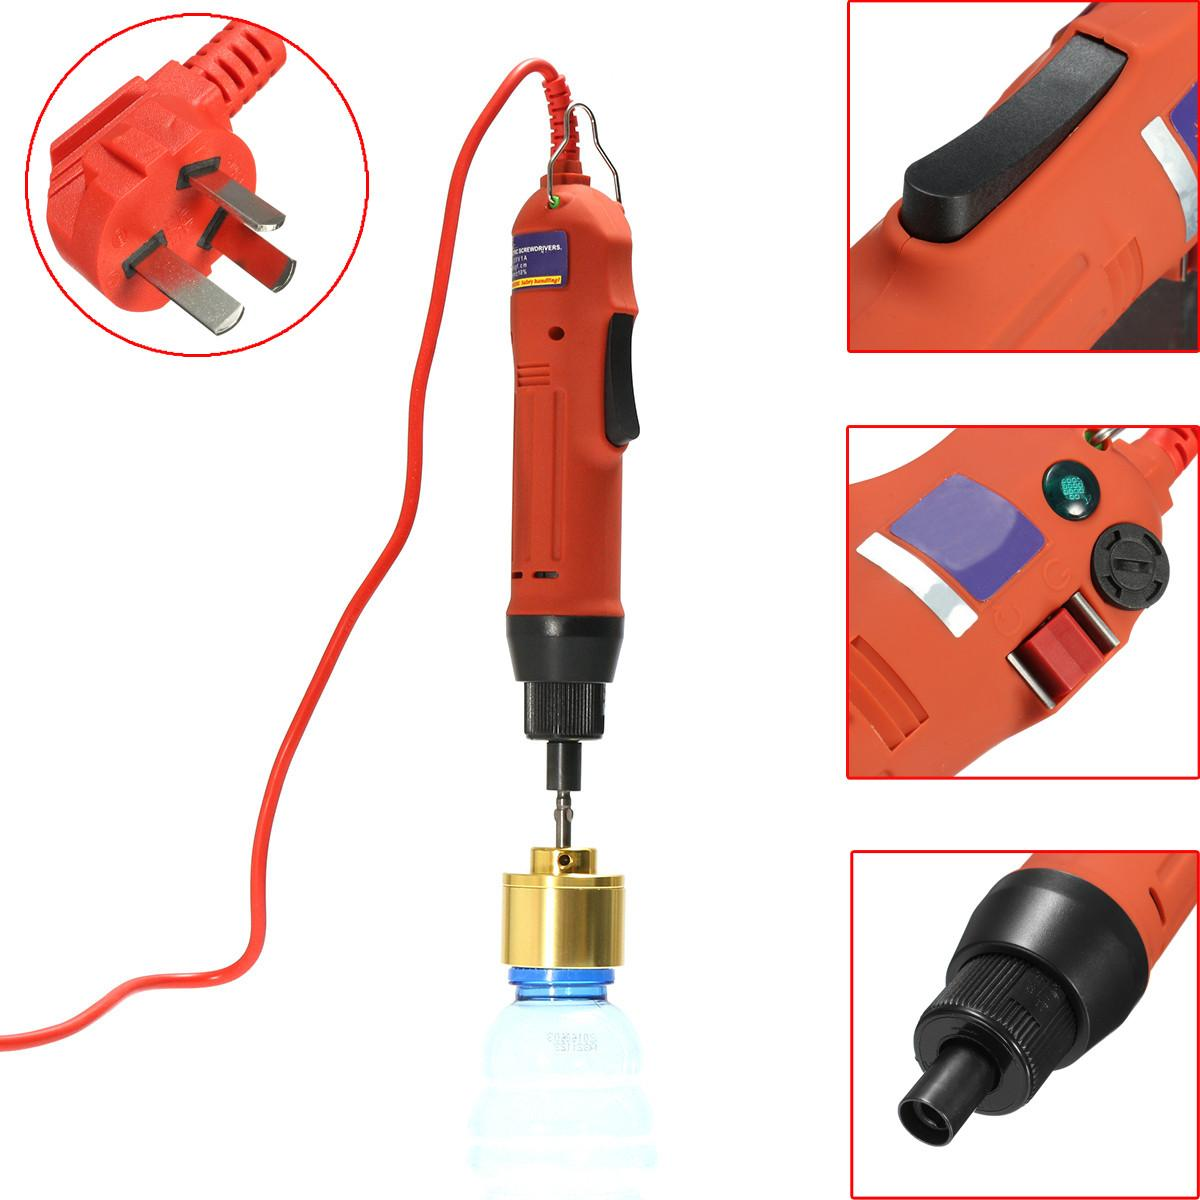 Manual de frete grátis Via DHL Semi Garrafa automática frasco de plástico elétrica Garrafa Capping Máquina Capper Cap Screwing Selagem